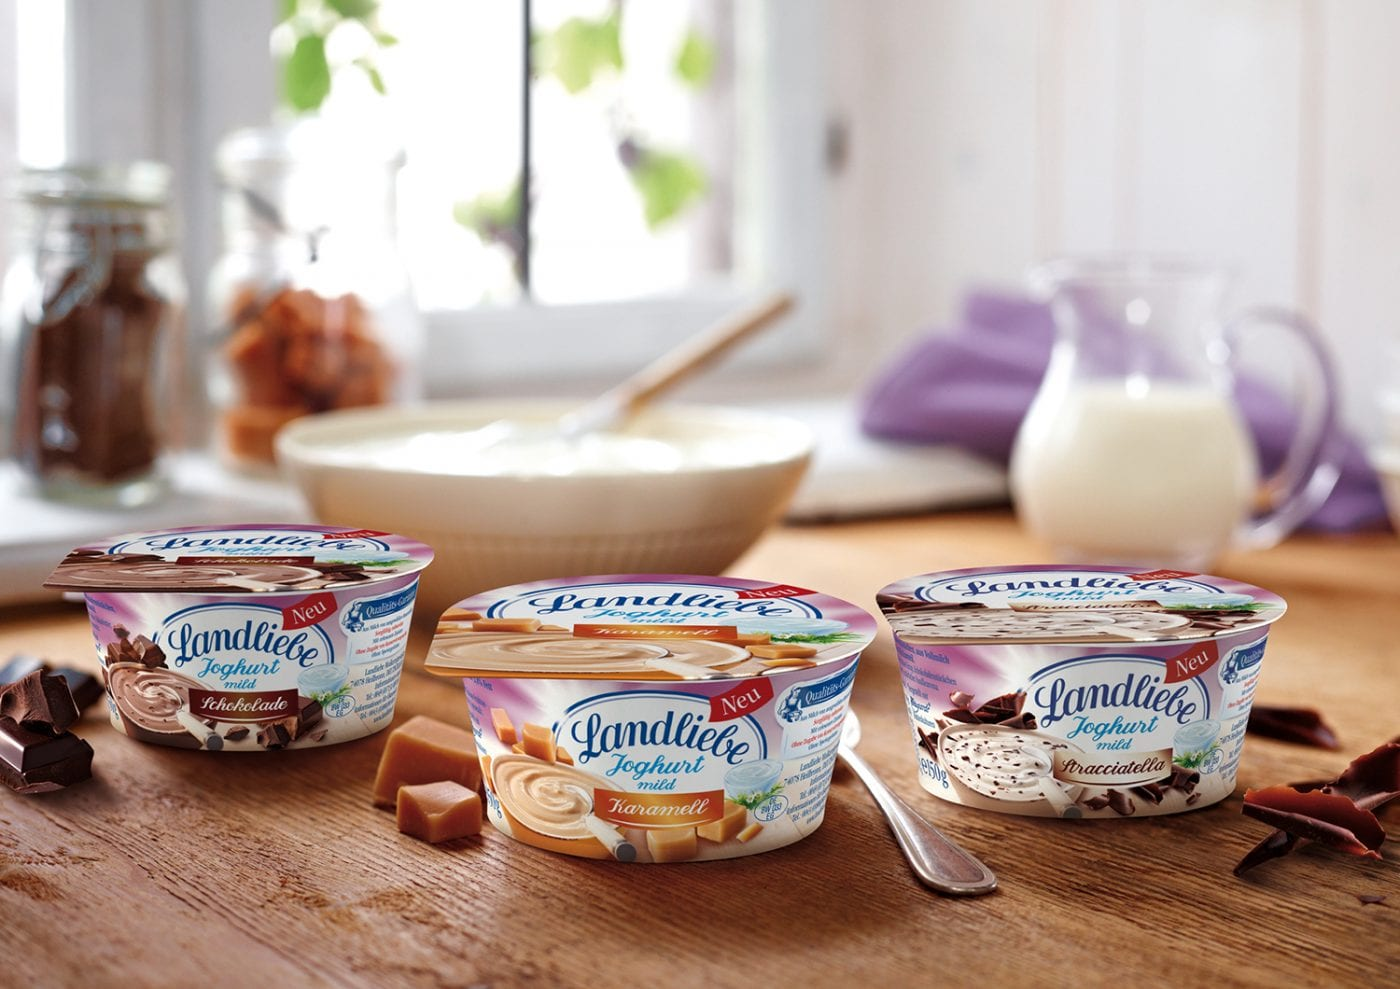 Landliebe Joghurt, neue Sorten im Becher